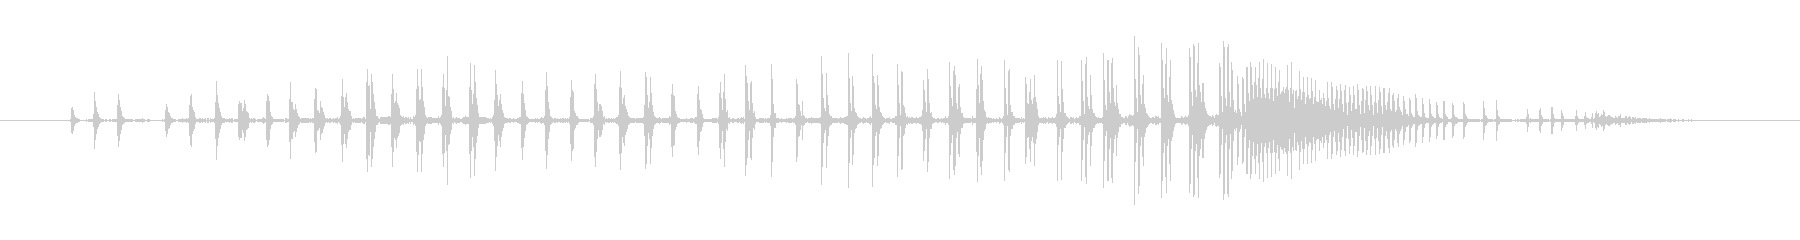 犬 チワワグロールストレインド02の未再生の波形